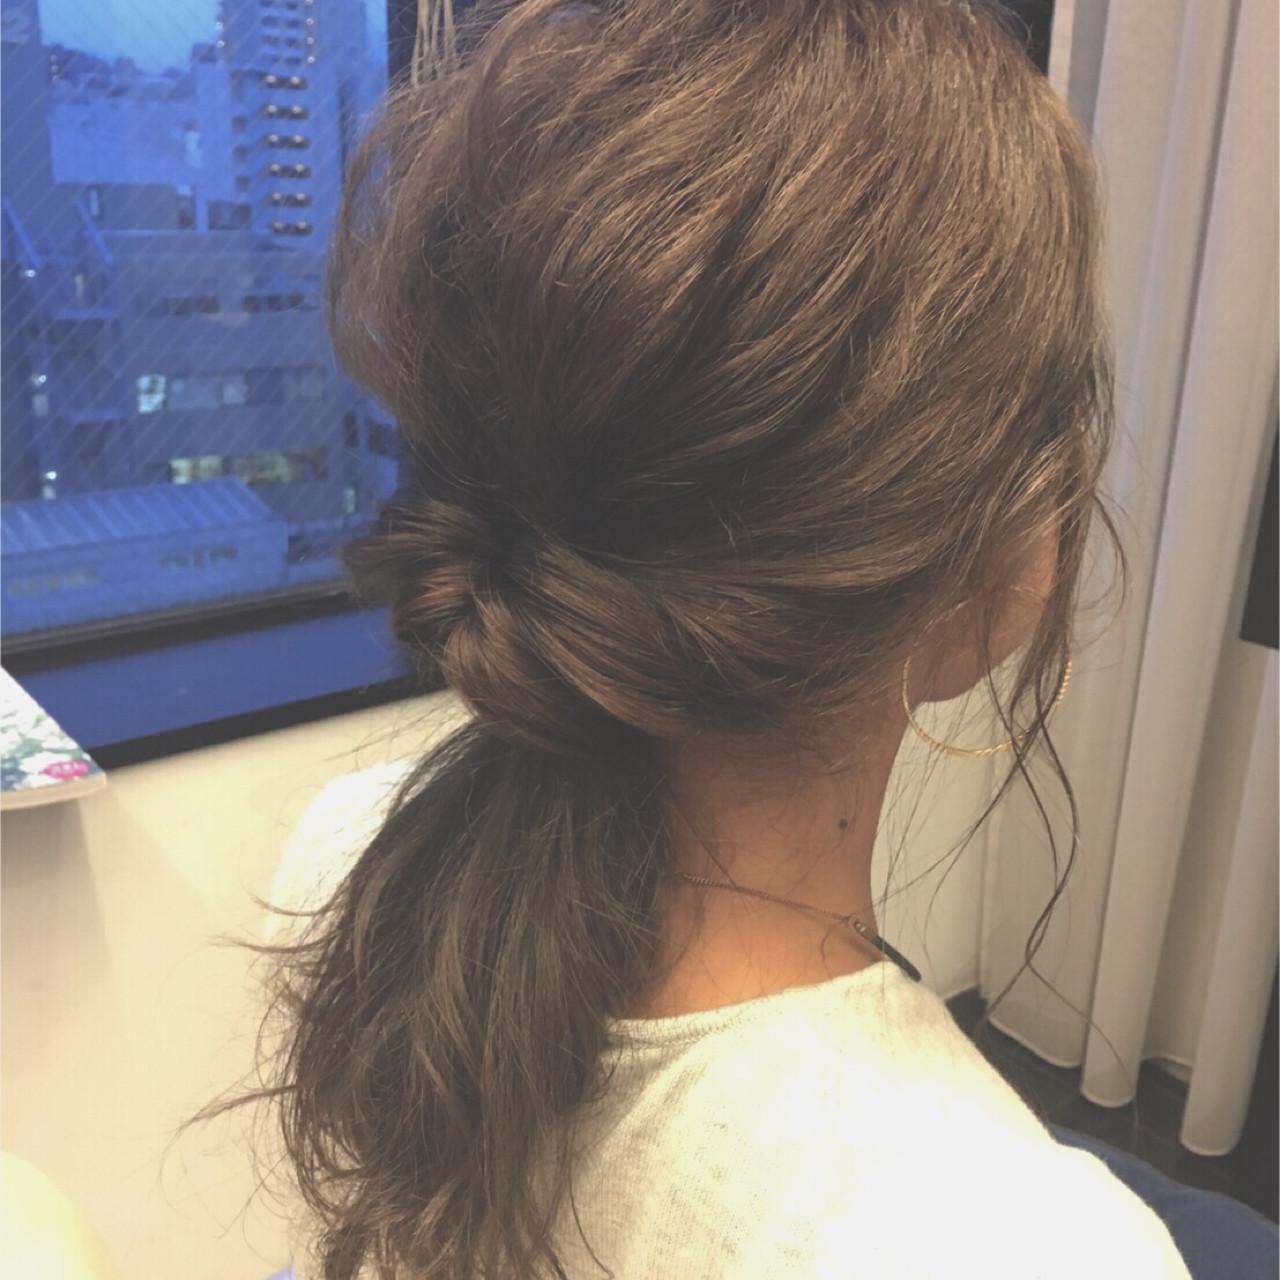 セミロング 暗髪 簡単ヘアアレンジ 大人かわいい ヘアスタイルや髪型の写真・画像 | アビル 裕貴 / ノーネームヘアー